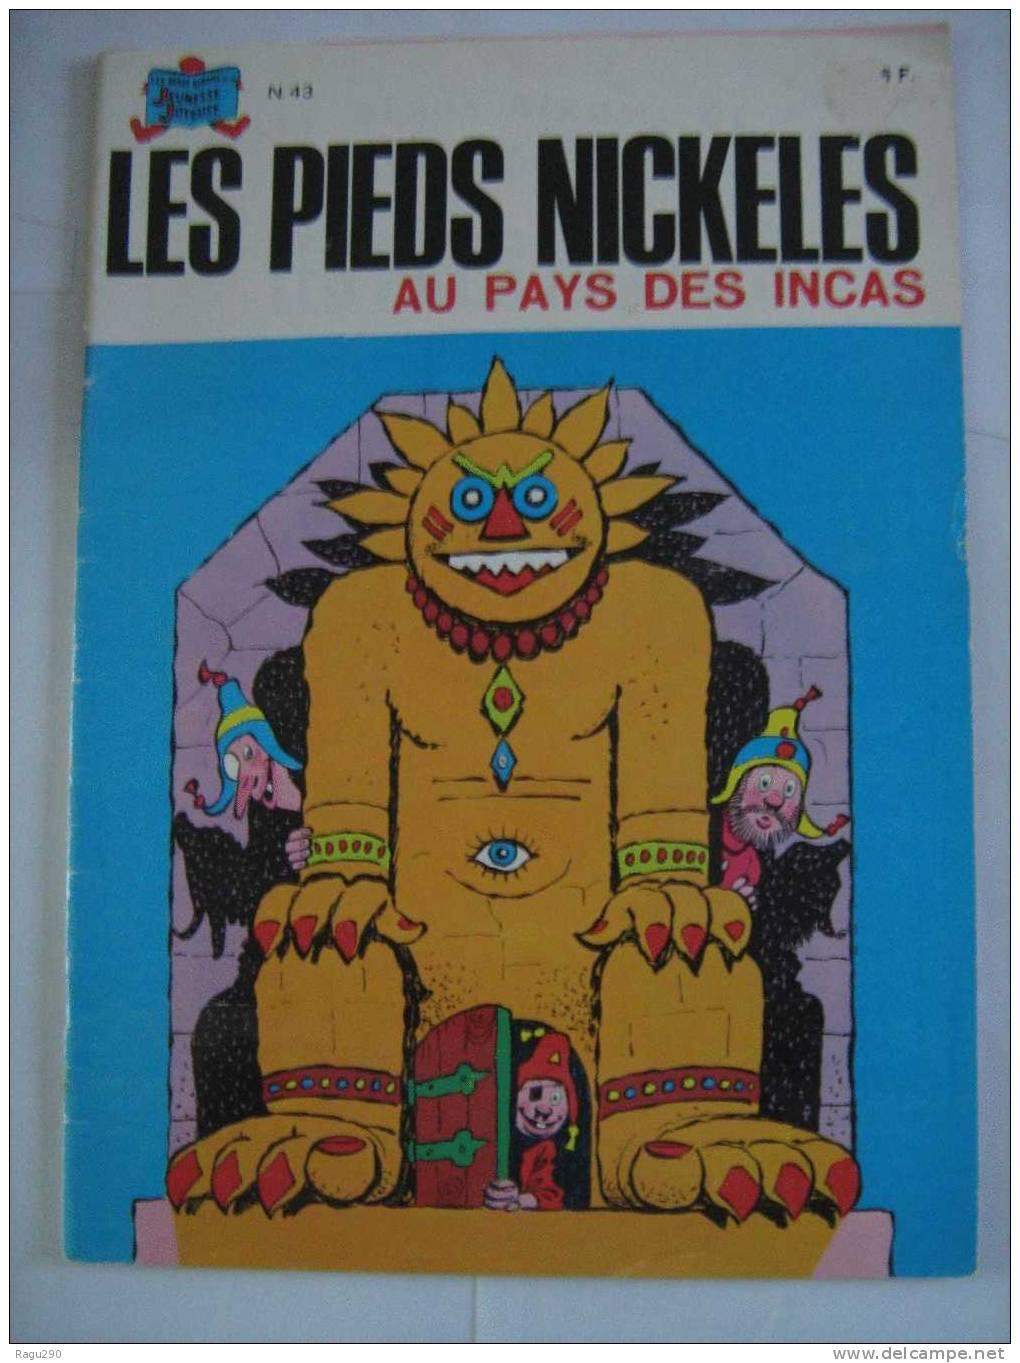 LES PIEDS NICKELES N° 43 AU PAYS DES INCAS - Pieds Nickelés, Les